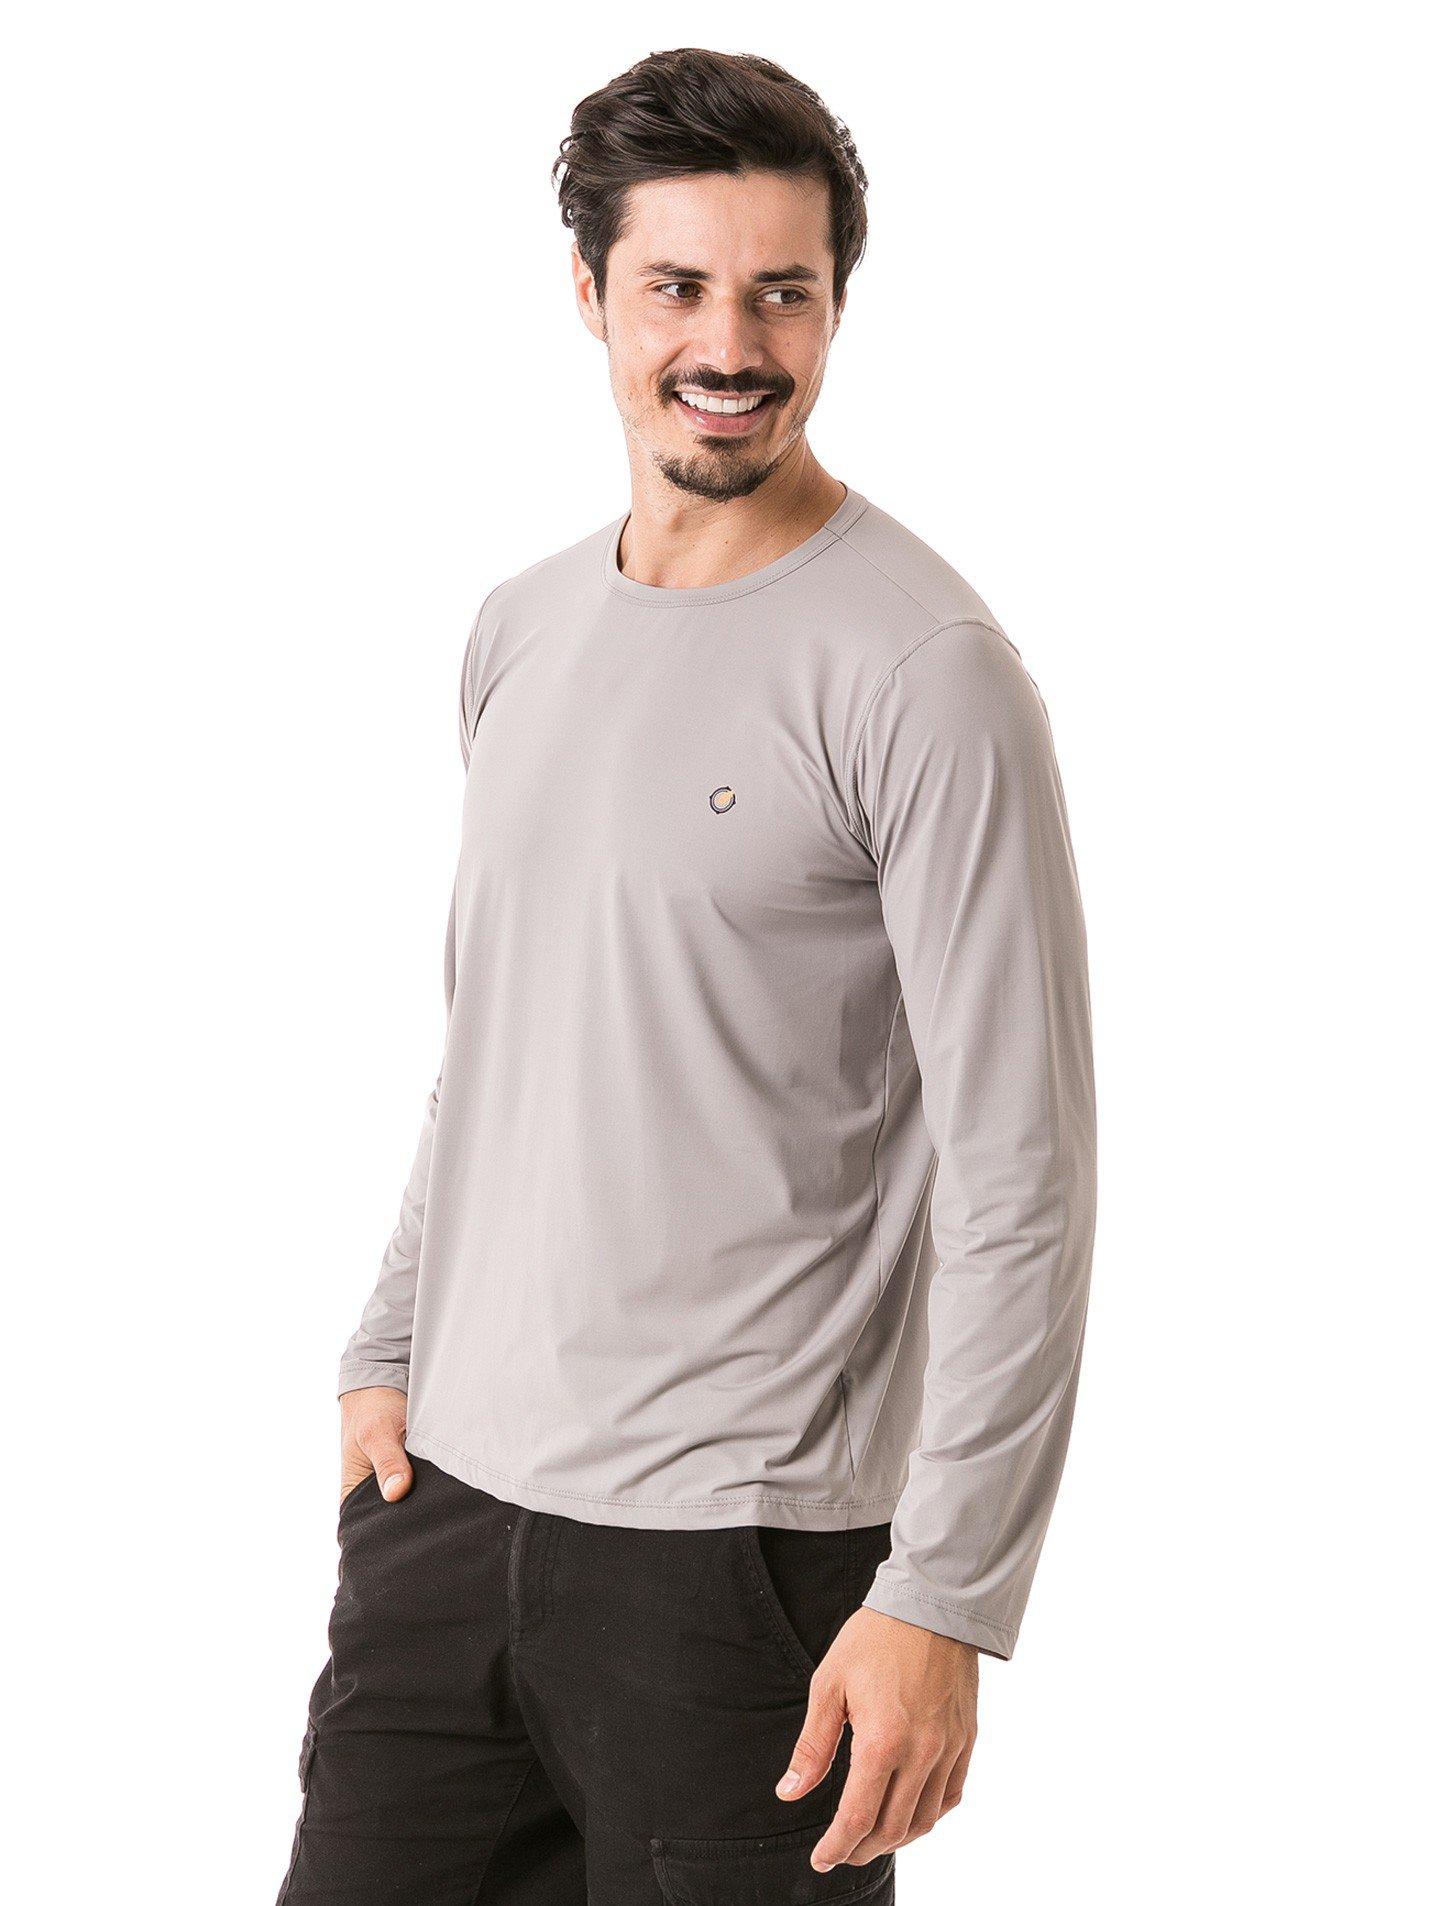 masculina t shirt longa ice cinza lateral b